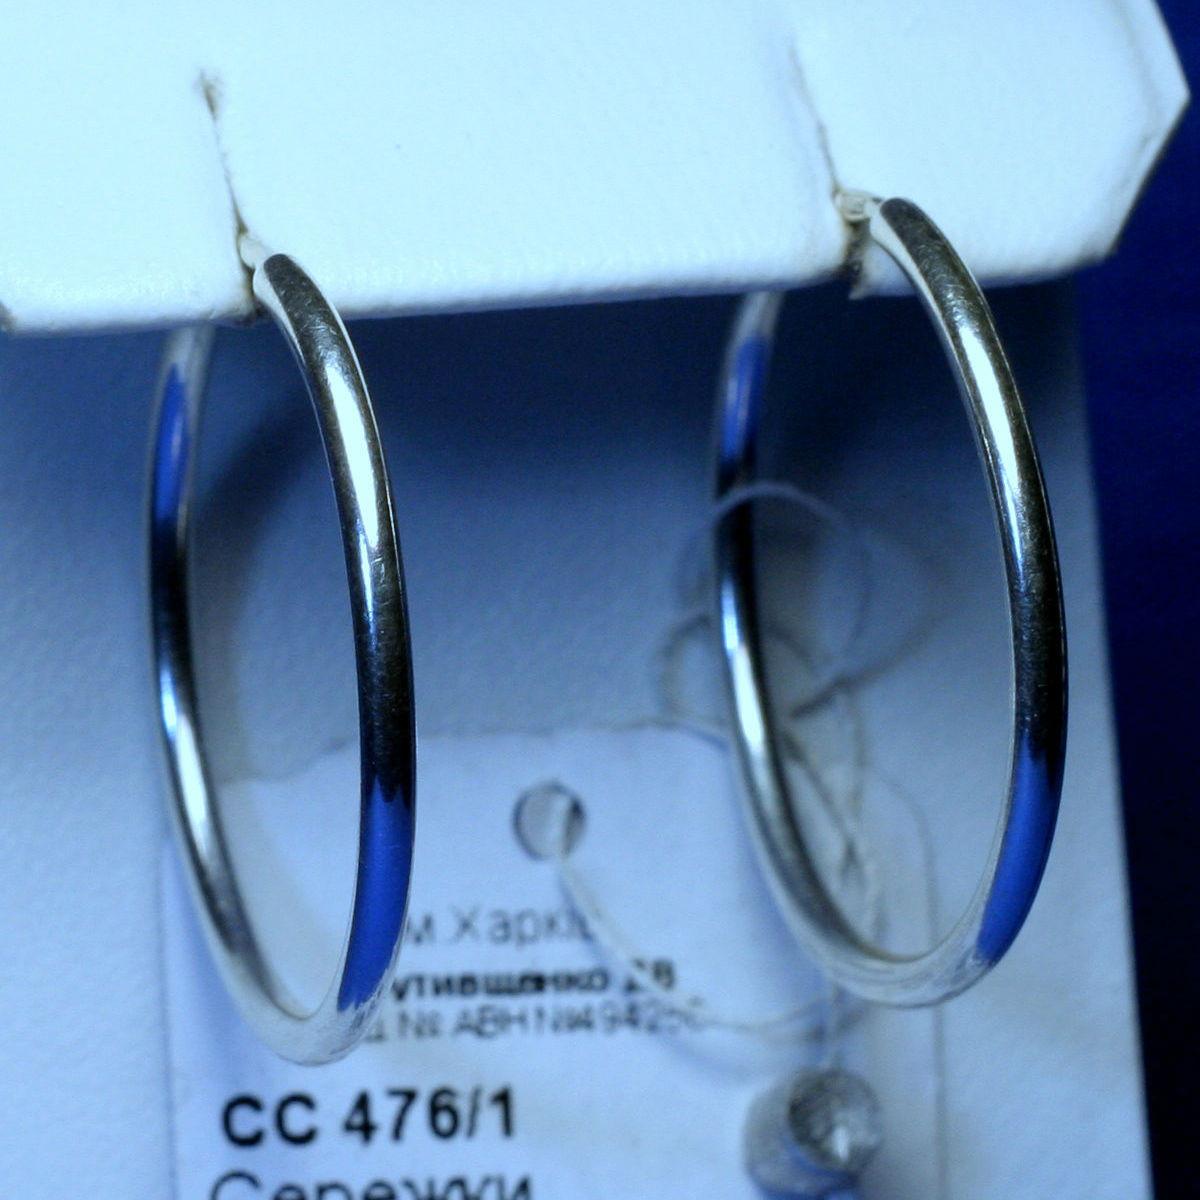 Серебряные серьги-кольца Конго 25 мм сс 476/1, фото 1